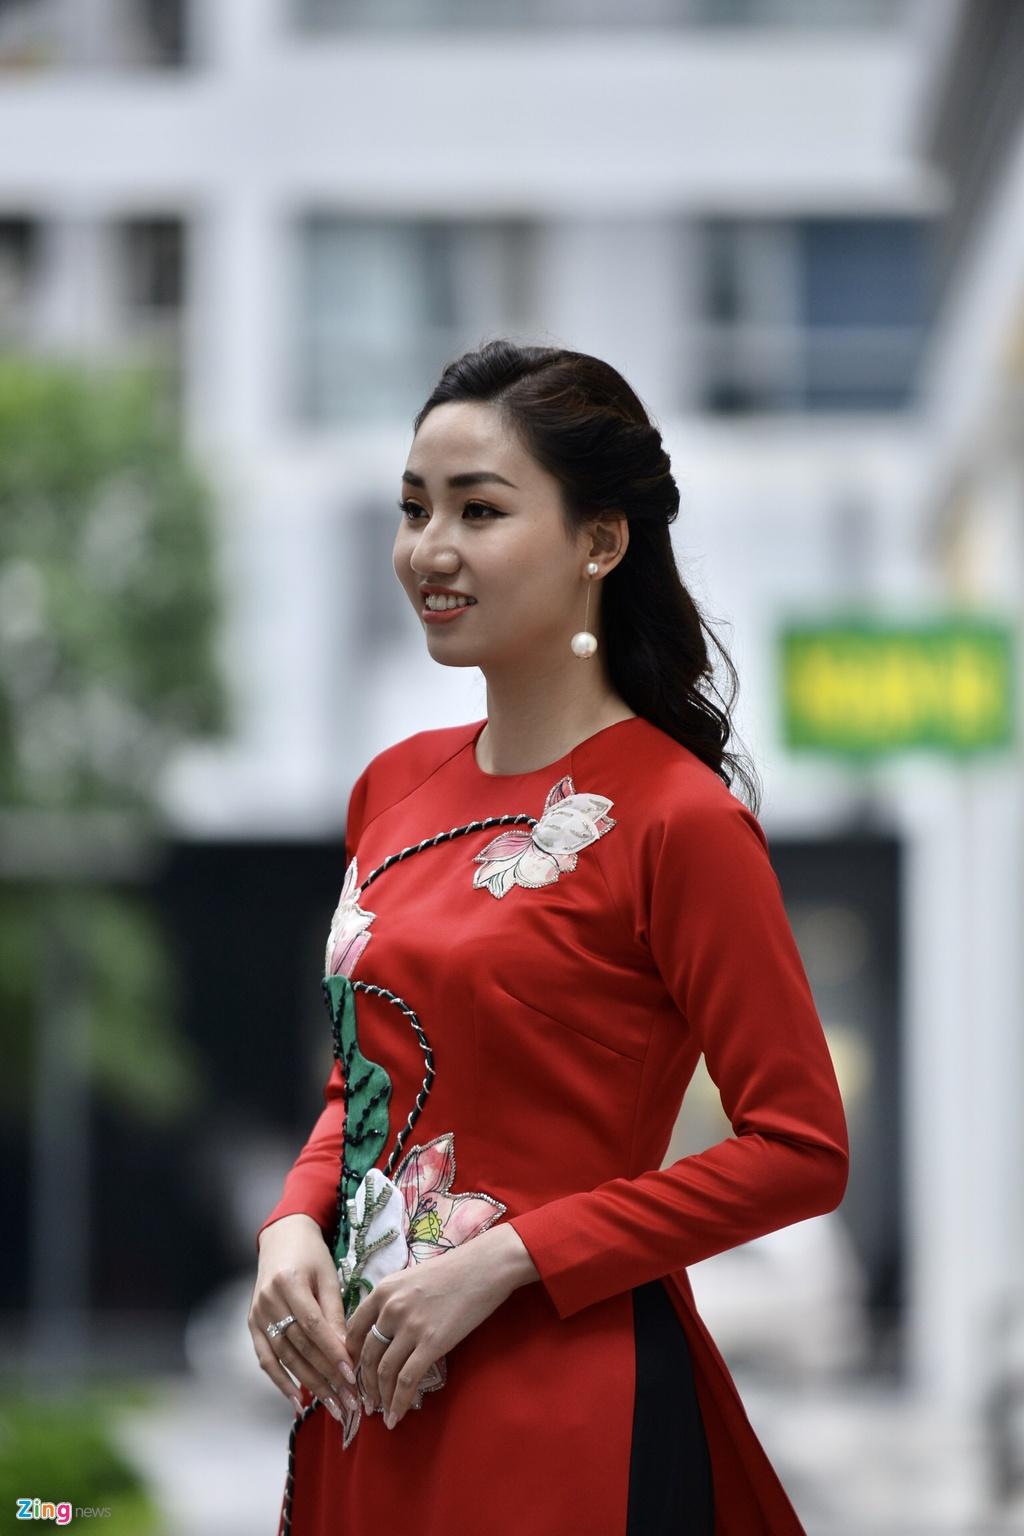 Le an hoi cua A hau Thanh Tu va ban trai U40 hinh anh 3